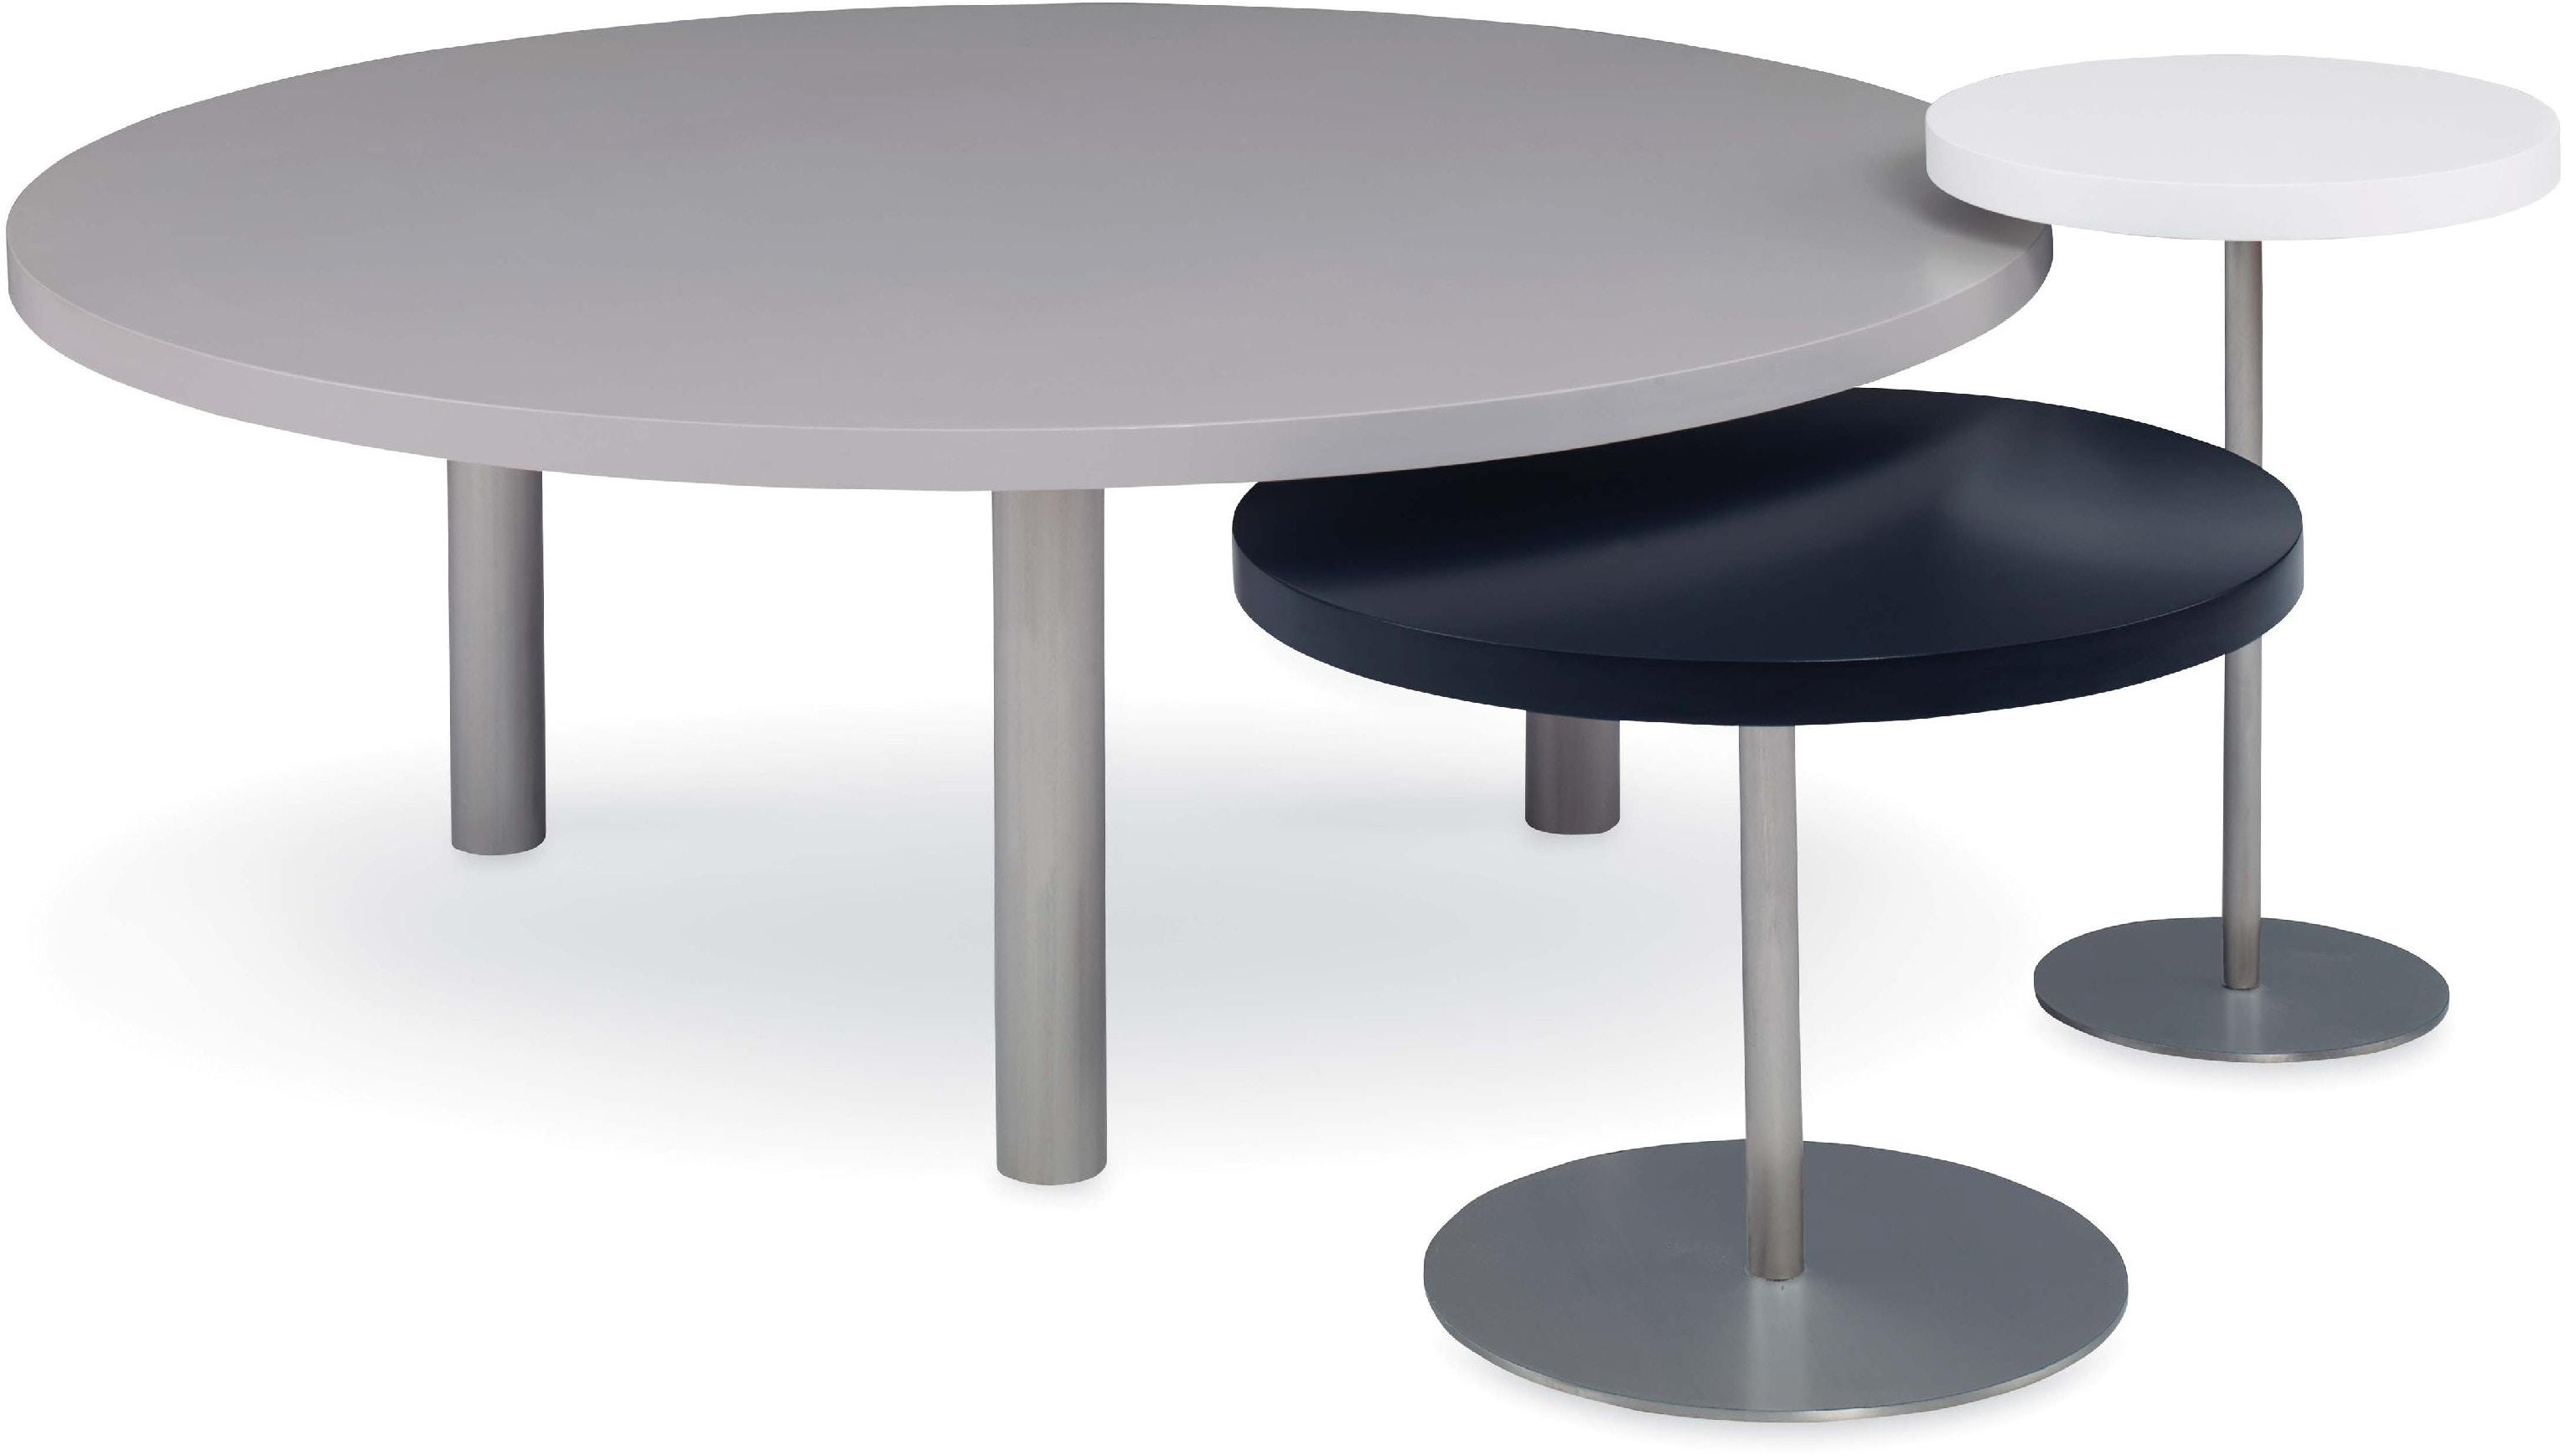 kravet viva brushed brass tables ots100b kravet new york ny